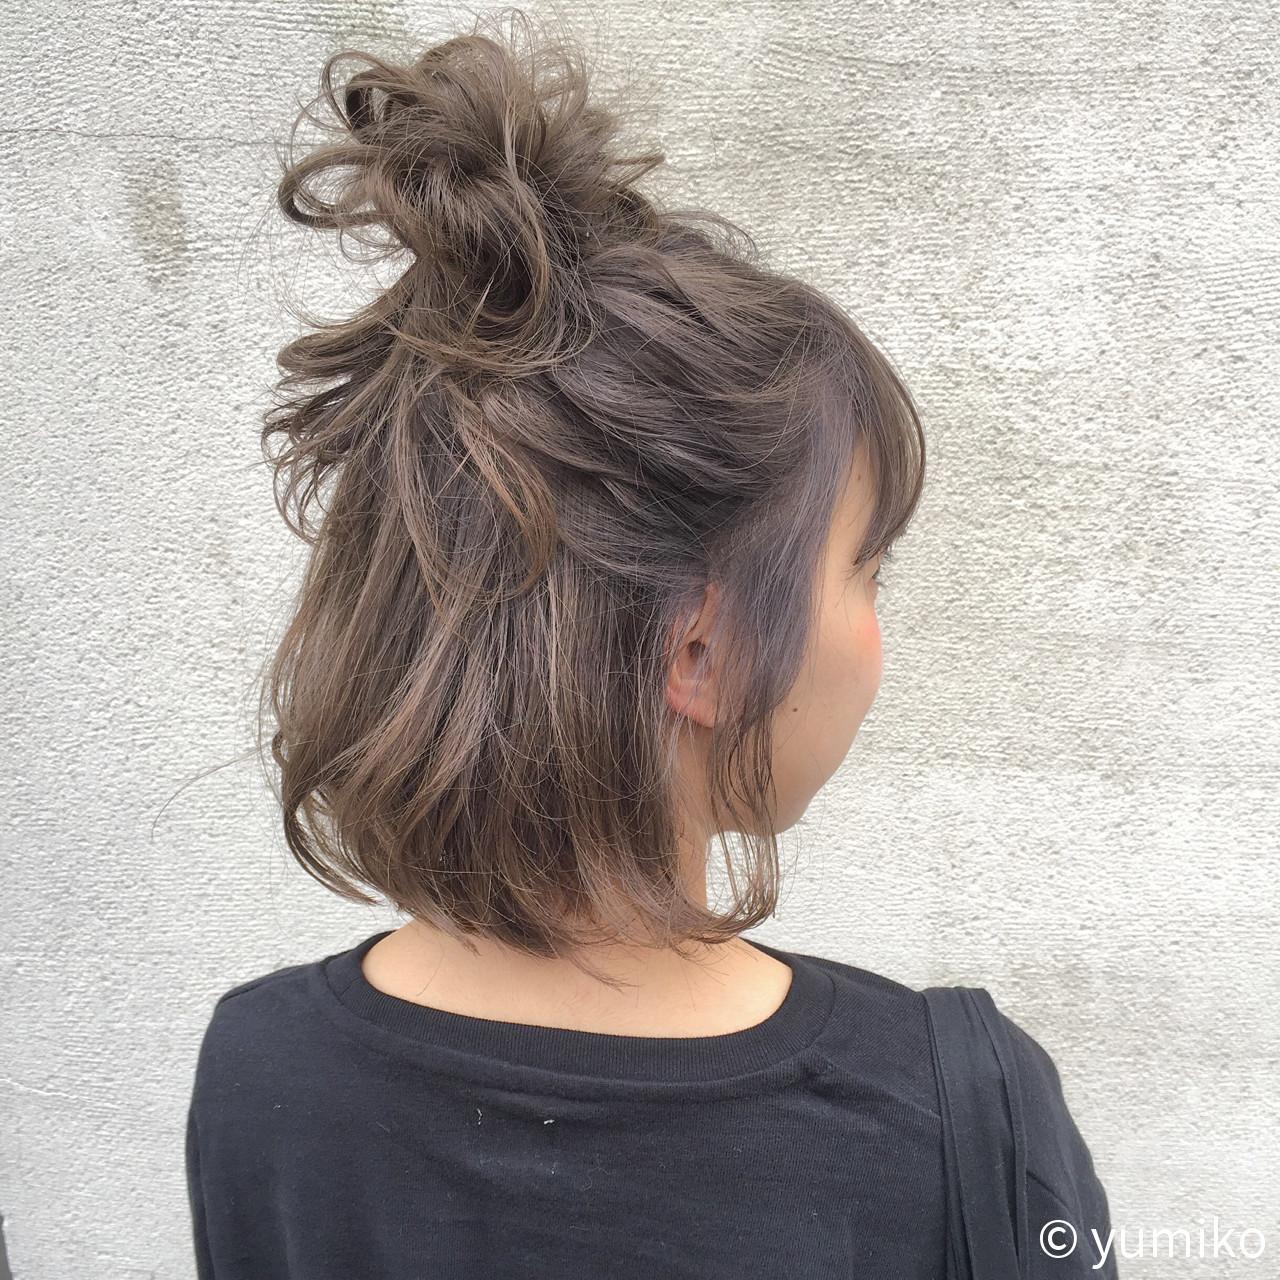 【前髪を切りすぎた!】ピンチを「かわいい」に変えるマル秘対処法♡の11枚目の画像